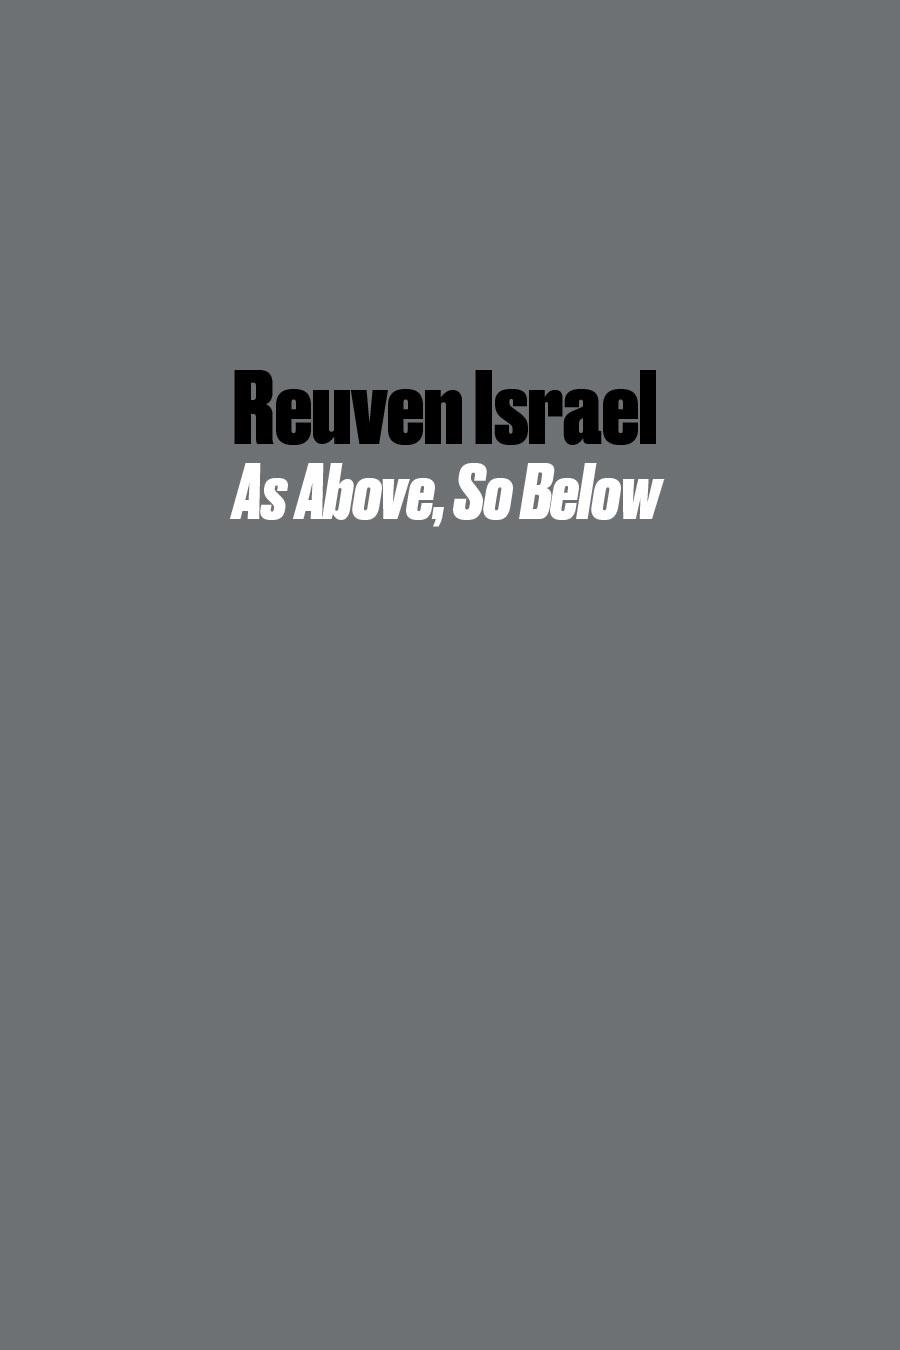 Reuven Israel As Above, So Below